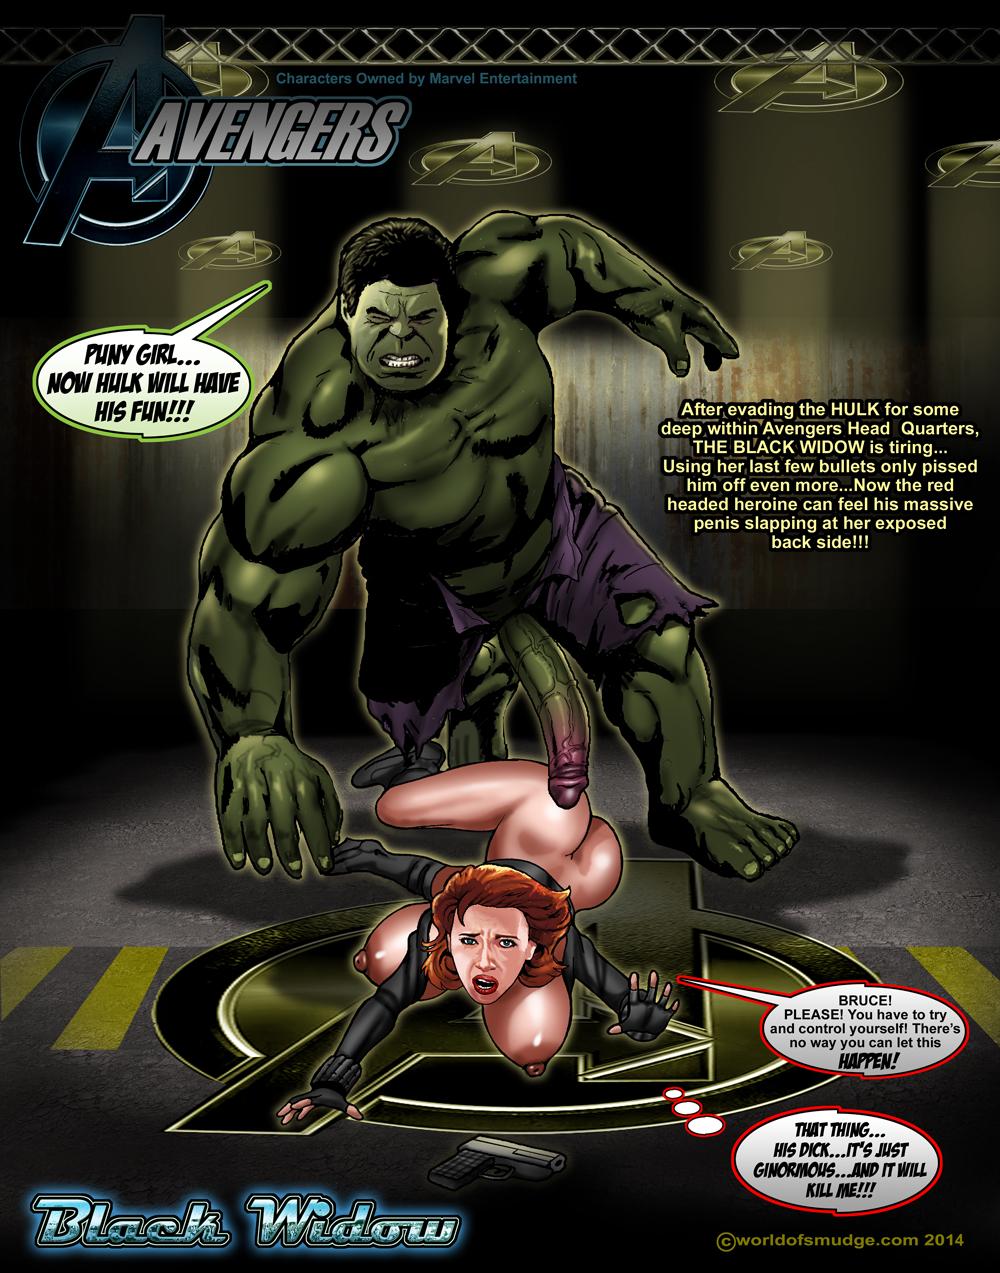 hulk fucks black widow